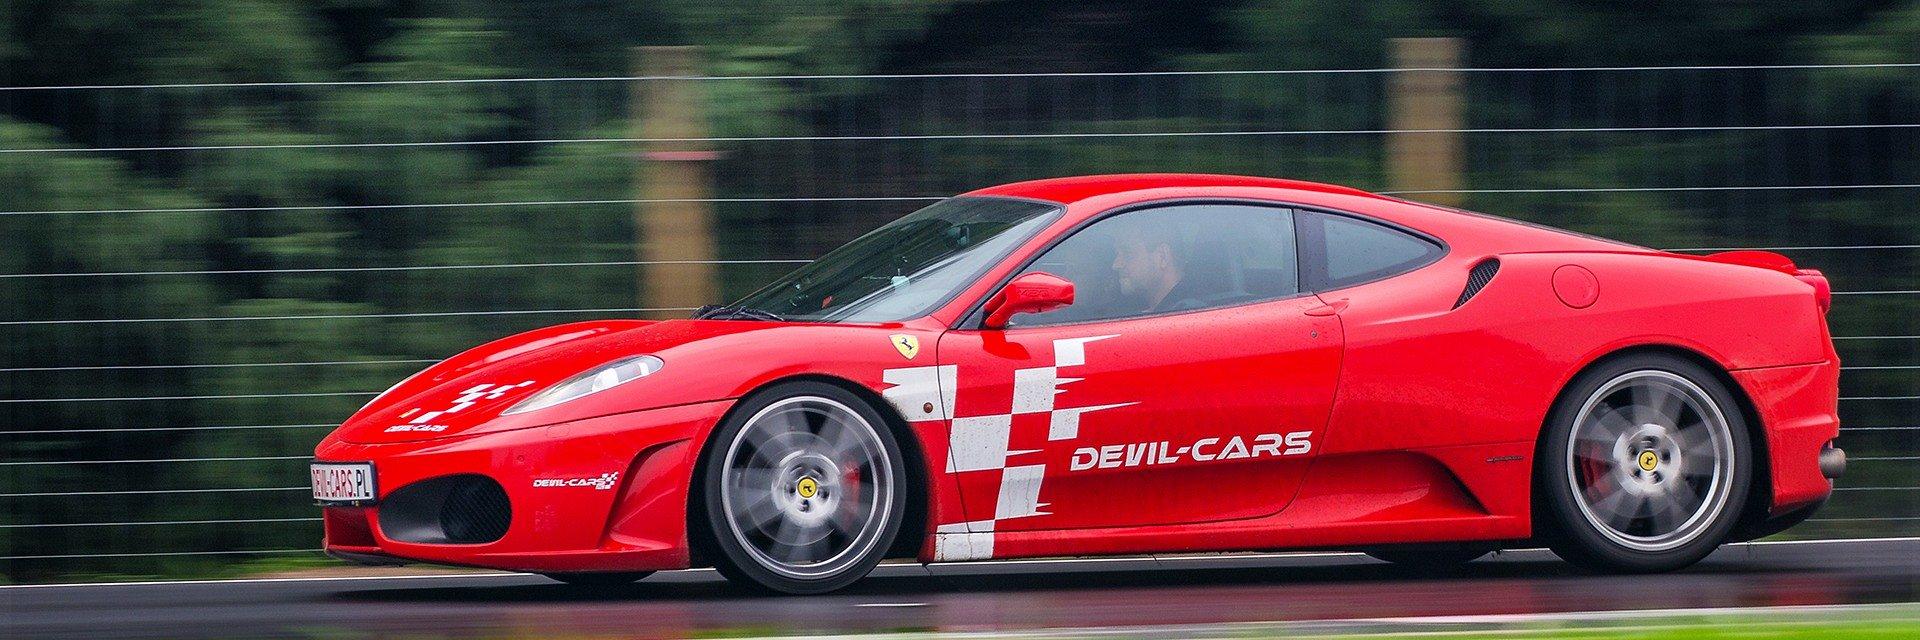 Devil-Cars podsumowują sezon. Miłośnicy szybkich samochodów przekazali ponad 17 tysięcy złotych na rzecz hospicjów dla dzieci w całej Polsce